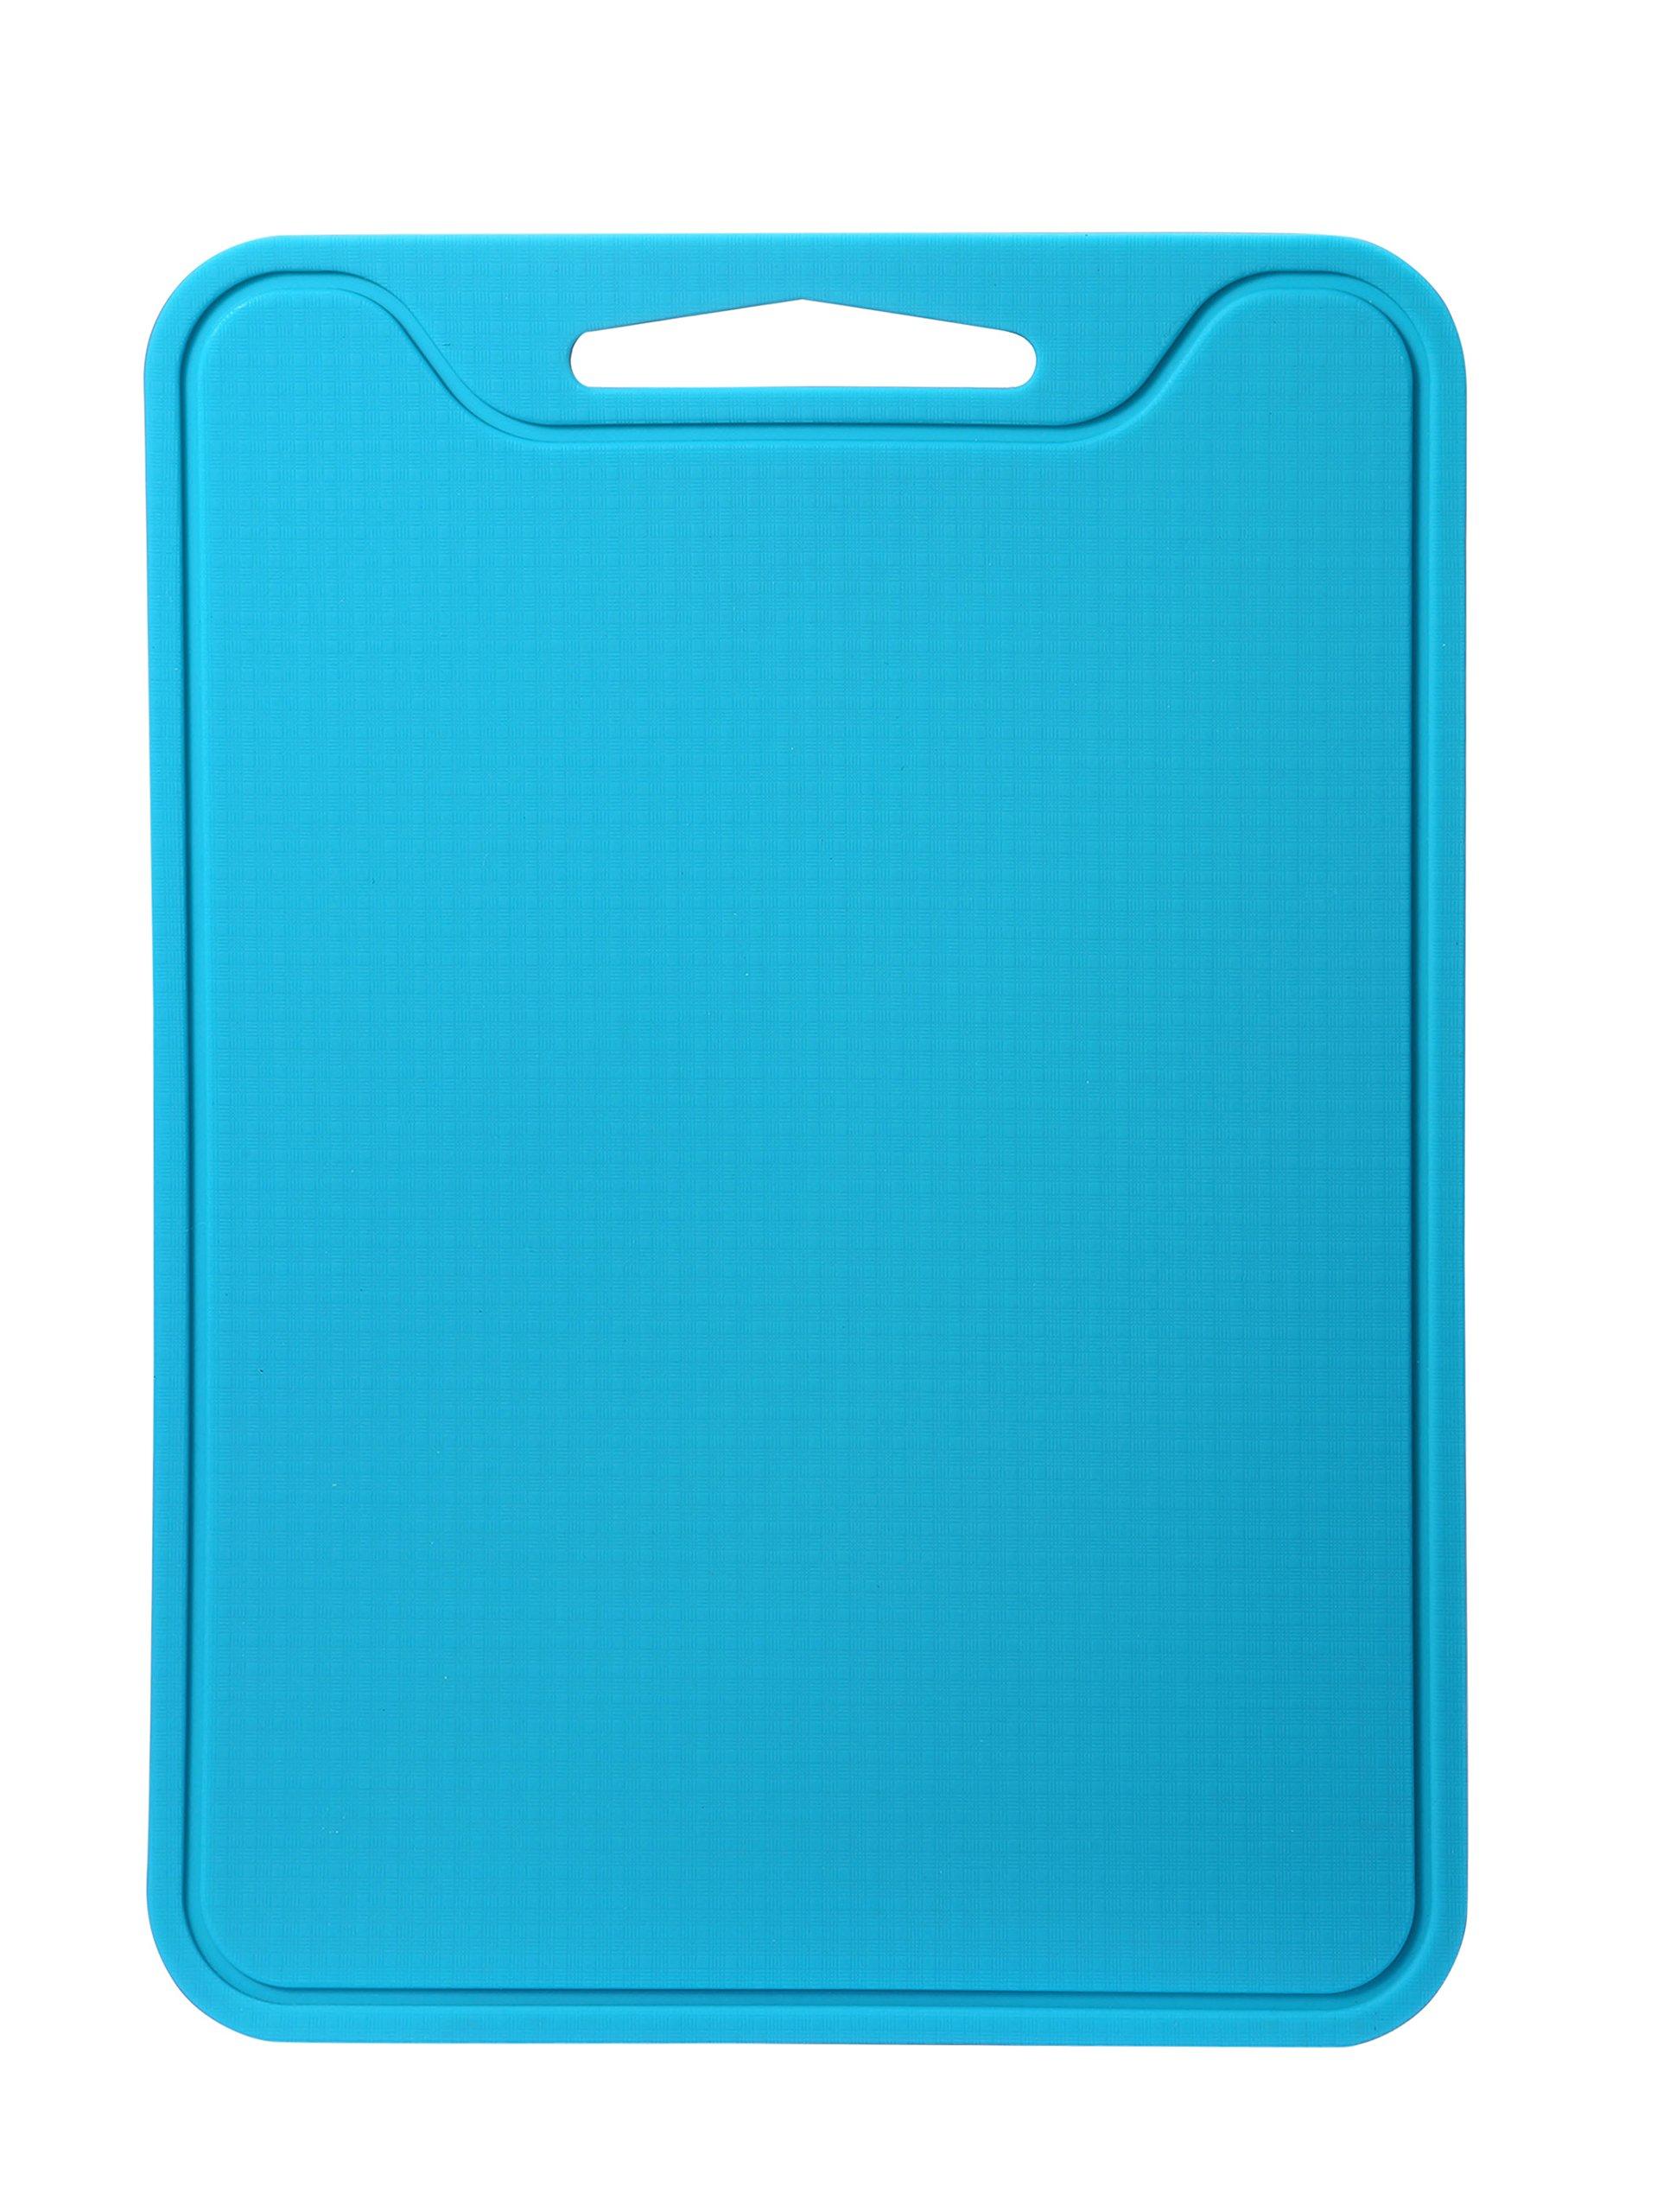 Unicook Plastics Cutting Board, Flexible Silicone Cutting Board for Kitchen, 11.5'' x 8.5'', Dishwasher Safe, Non Slip, Sturdy, Food Grade, Non-toxic, Blue